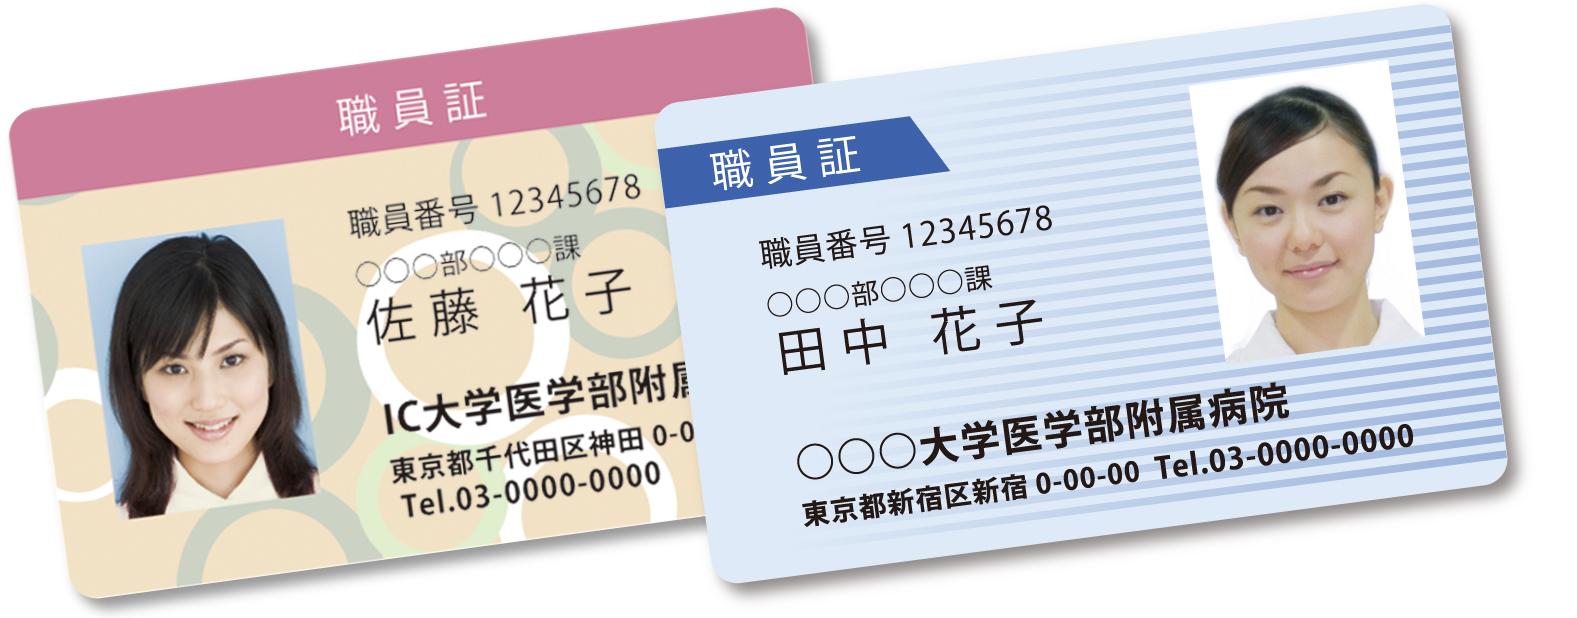 ICカード職員証HosCa - ホスピタルネット -